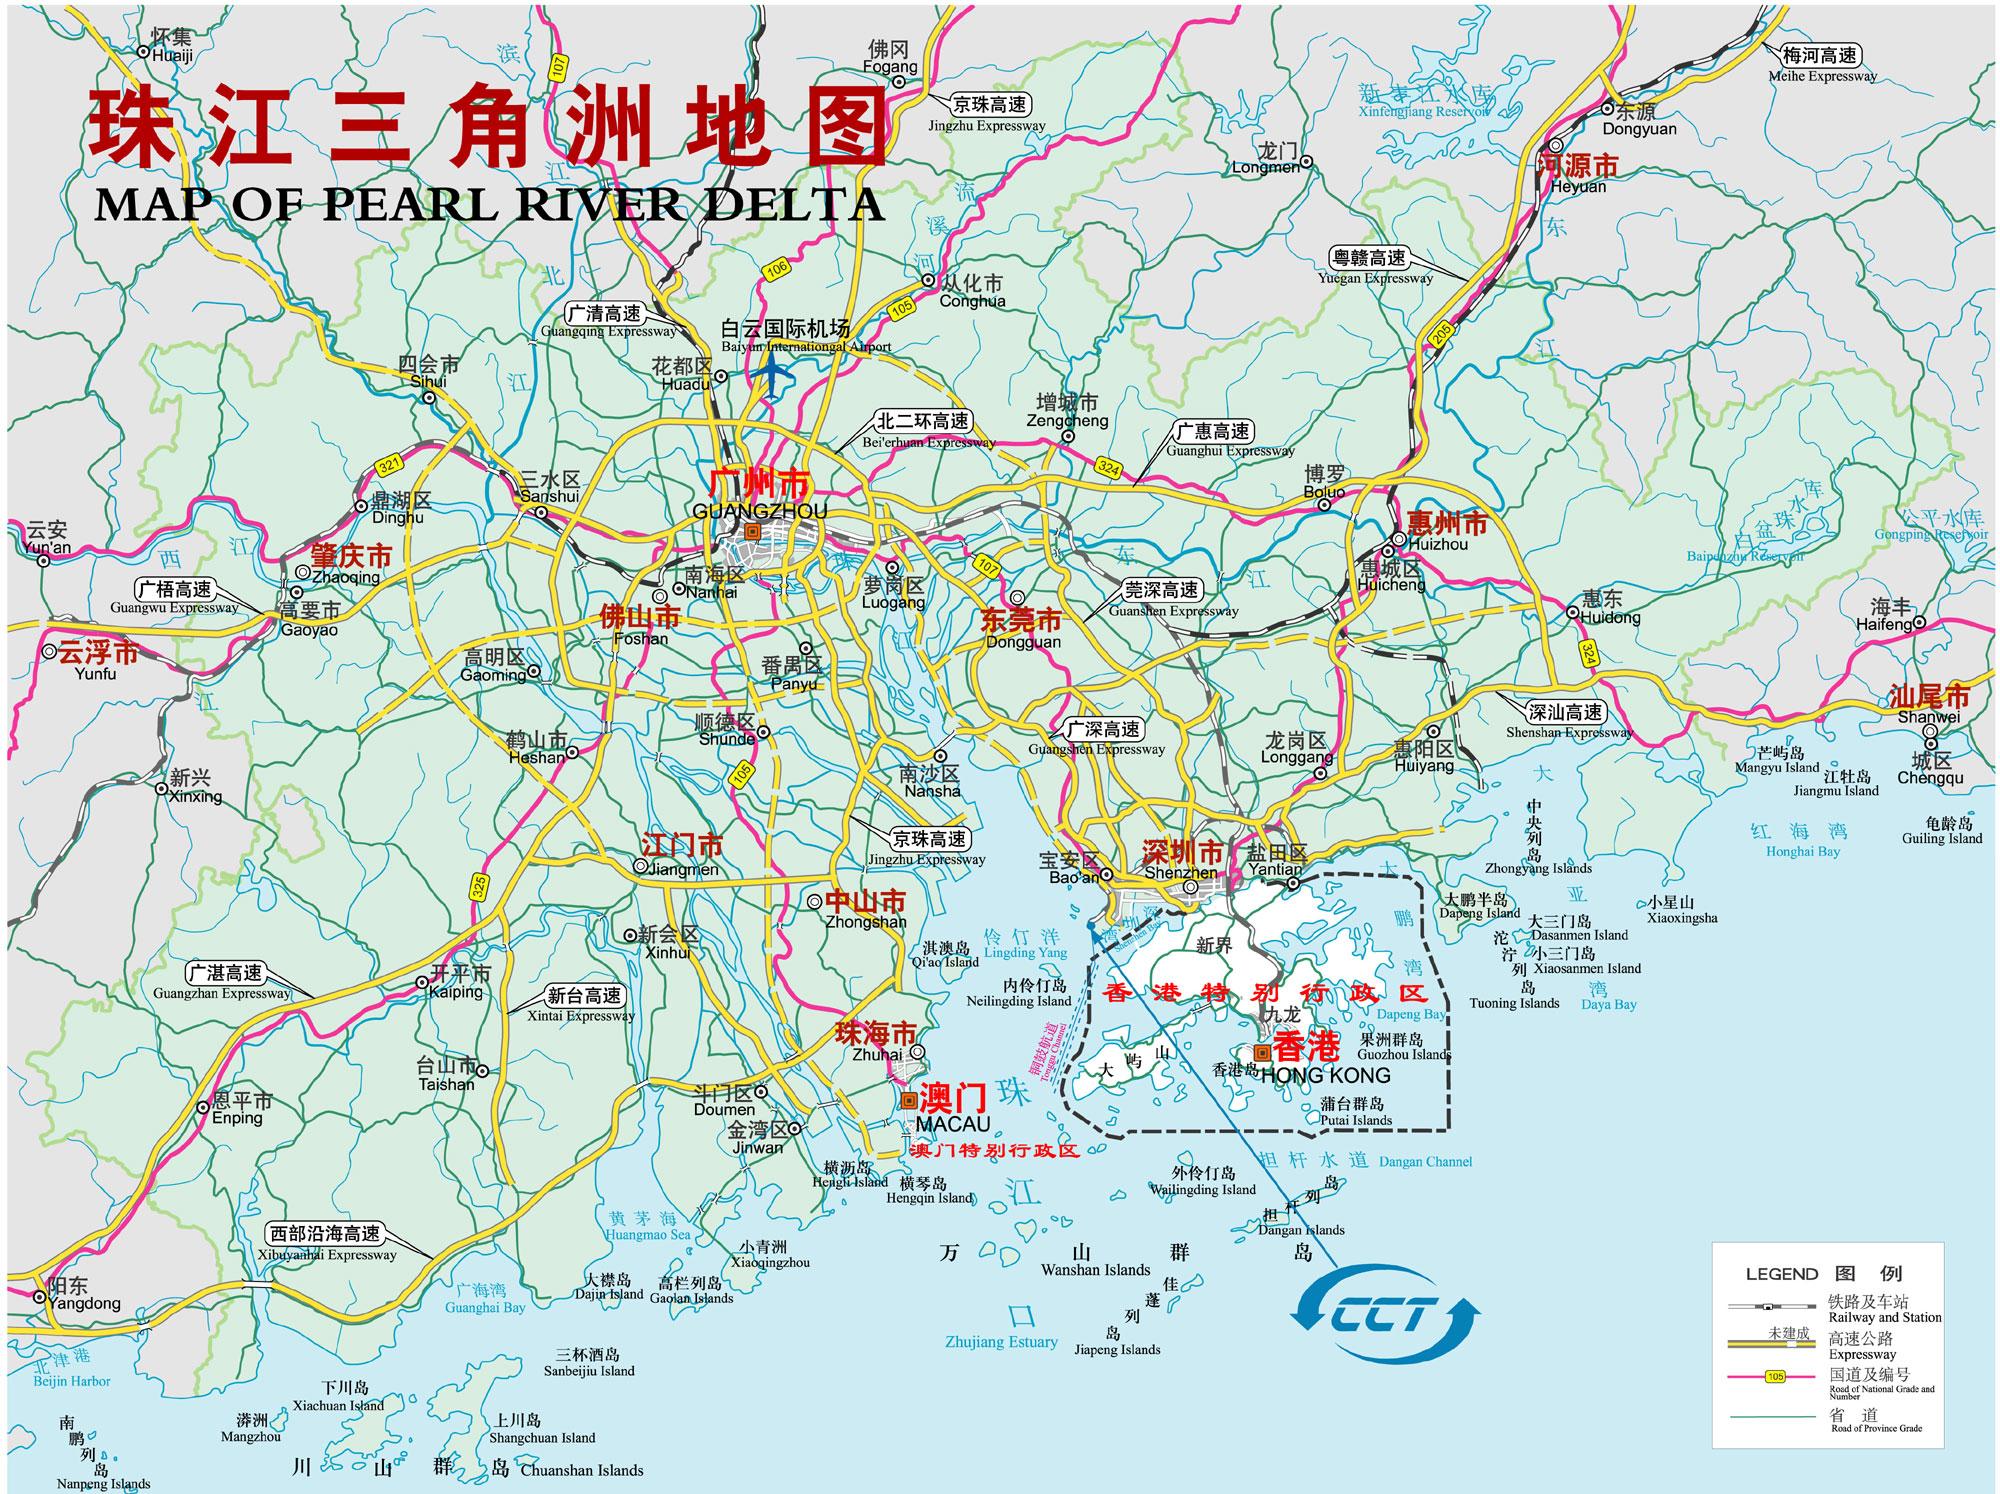 广东省高速公路地图